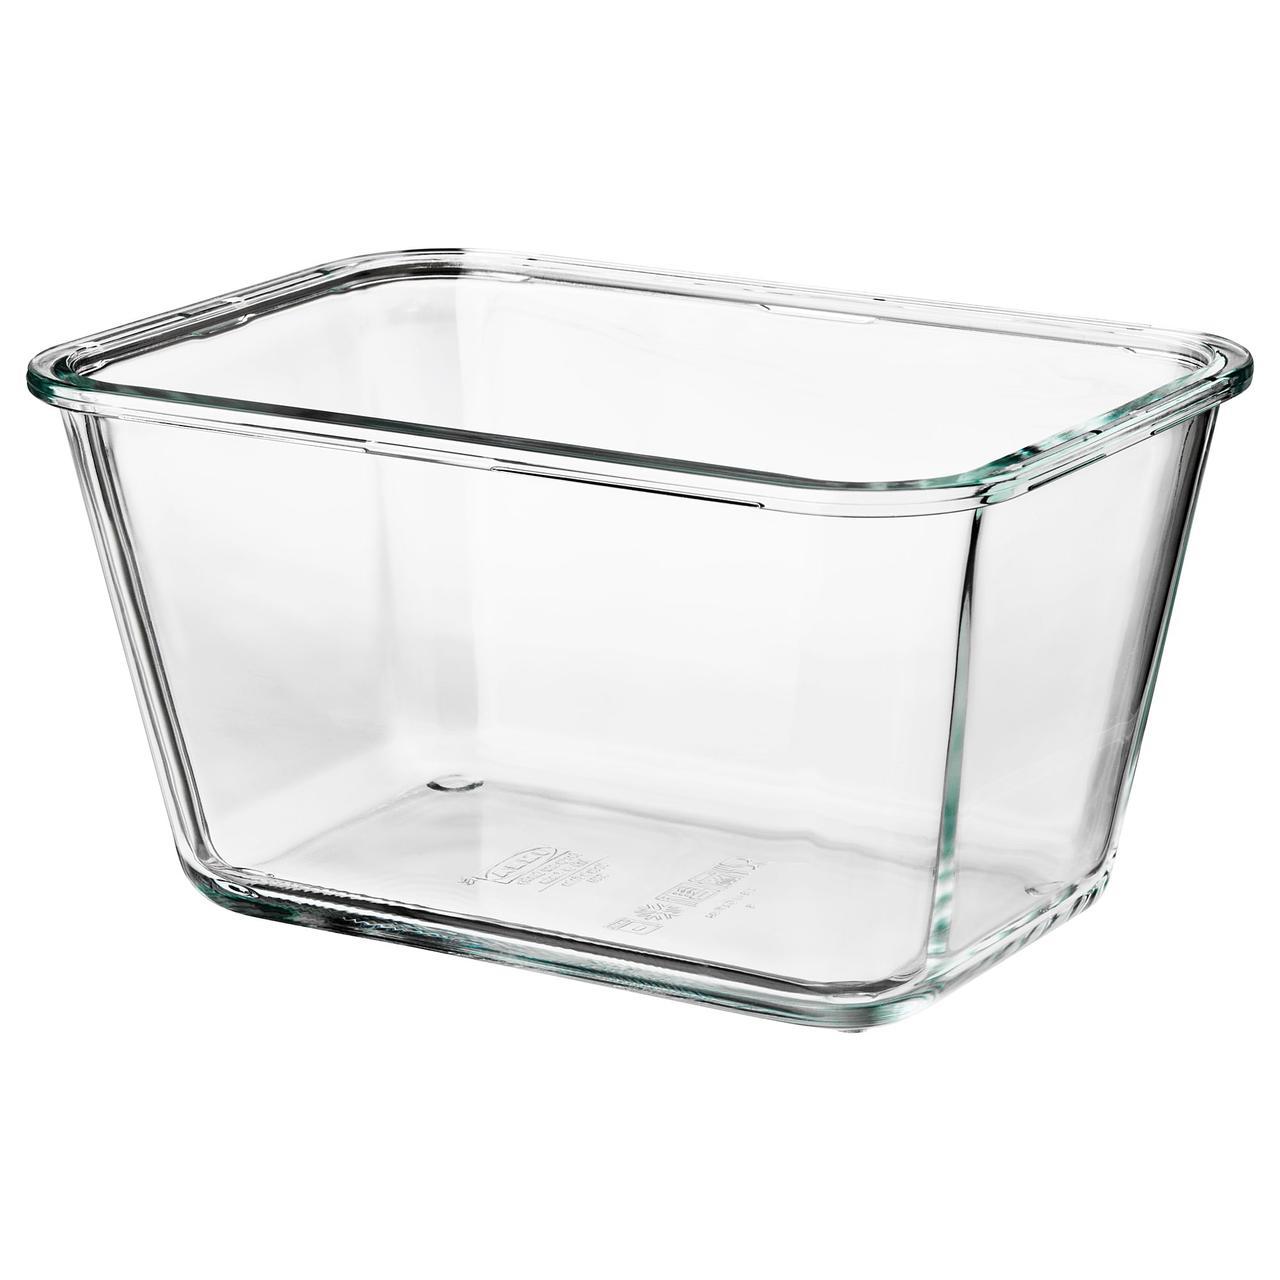 ИКЕА/365+ Контейнер для продуктов, прямоугольн формы, стекло